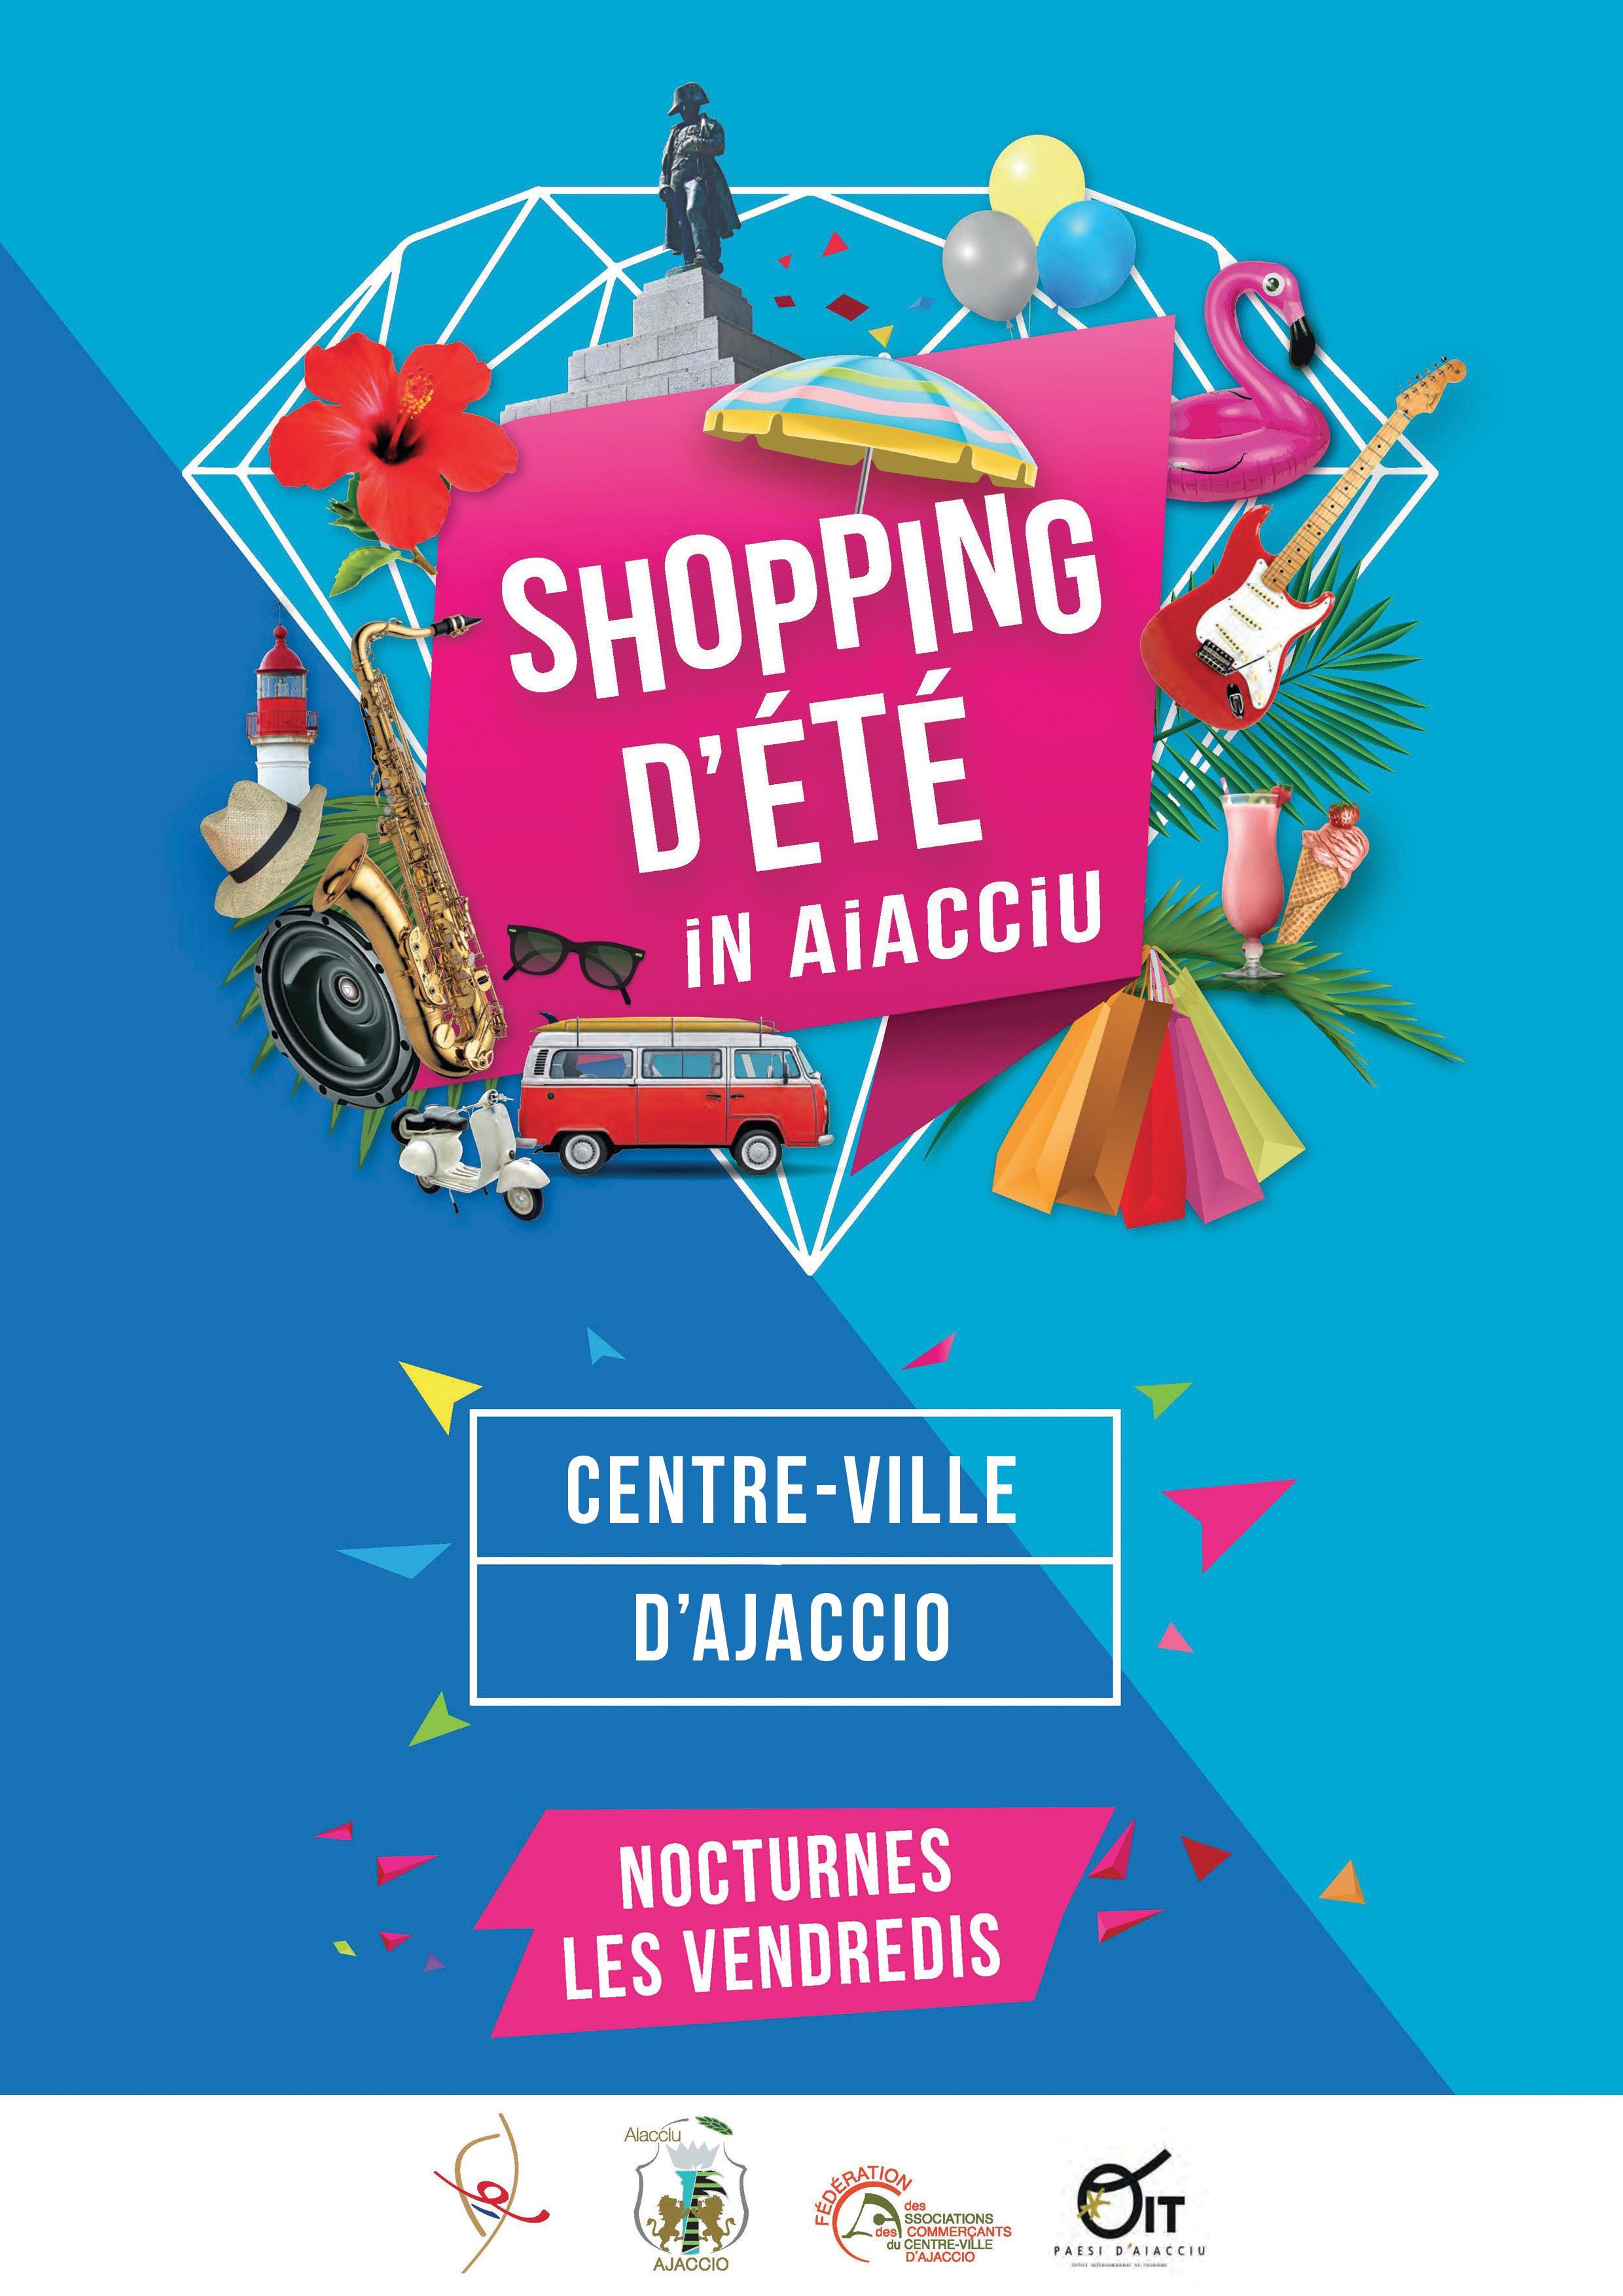 Shopping d'été, les vendredis de 19h00 à minuit